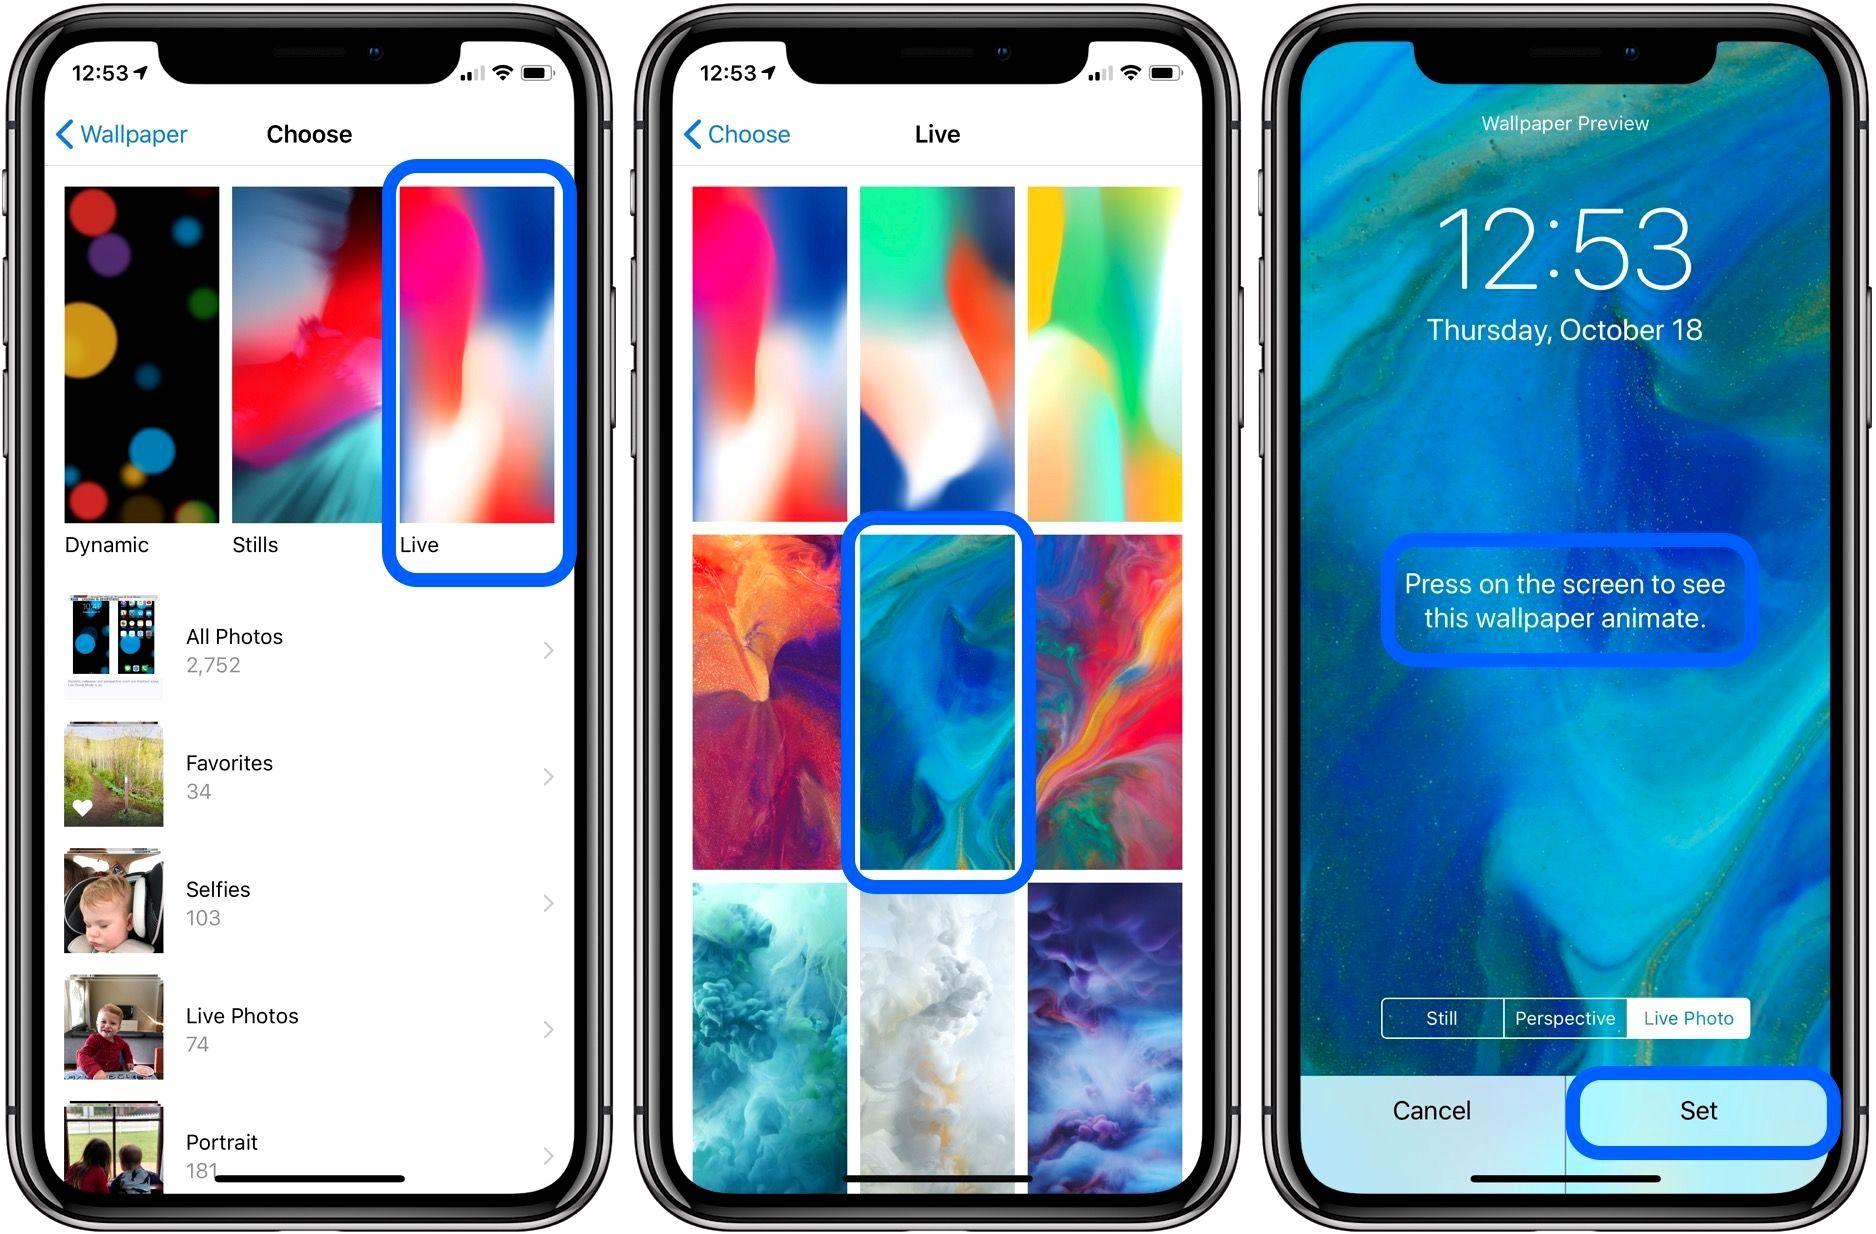 Live Wallpaper 4k On The App Store Wallpaper Maker Live Wallpaper Iphone Iphone Wallpaper Video